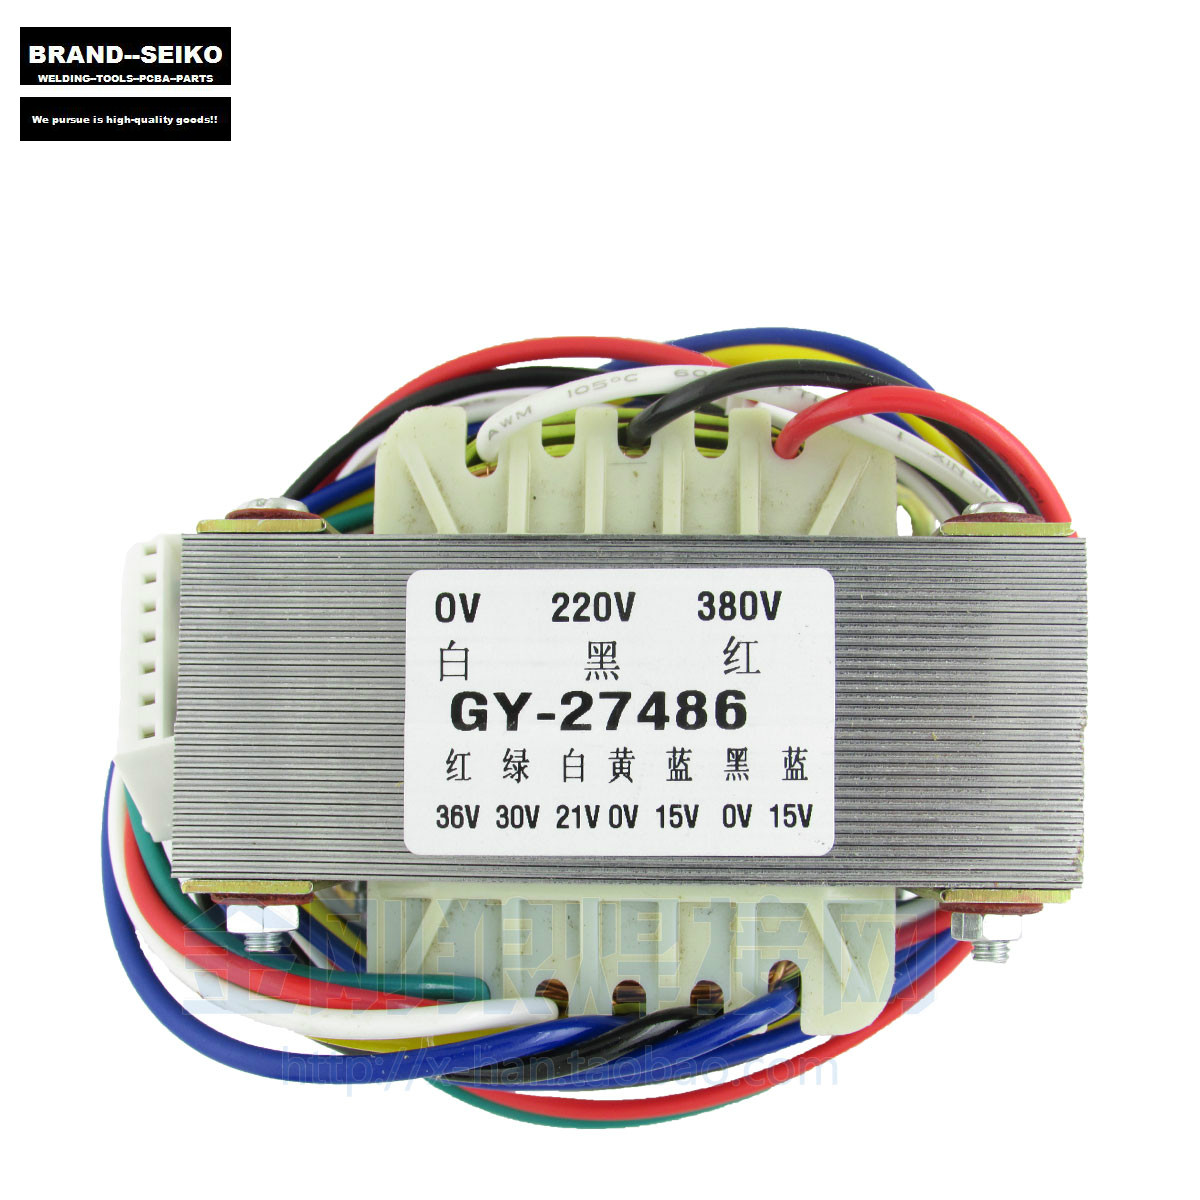 Dual Power Ac380v Ac220v Inverter Welding Machine Control Transformer Dual 36v 30v 21v 0v 15vDual Power Ac380v Ac220v Inverter Welding Machine Control Transformer Dual 36v 30v 21v 0v 15v